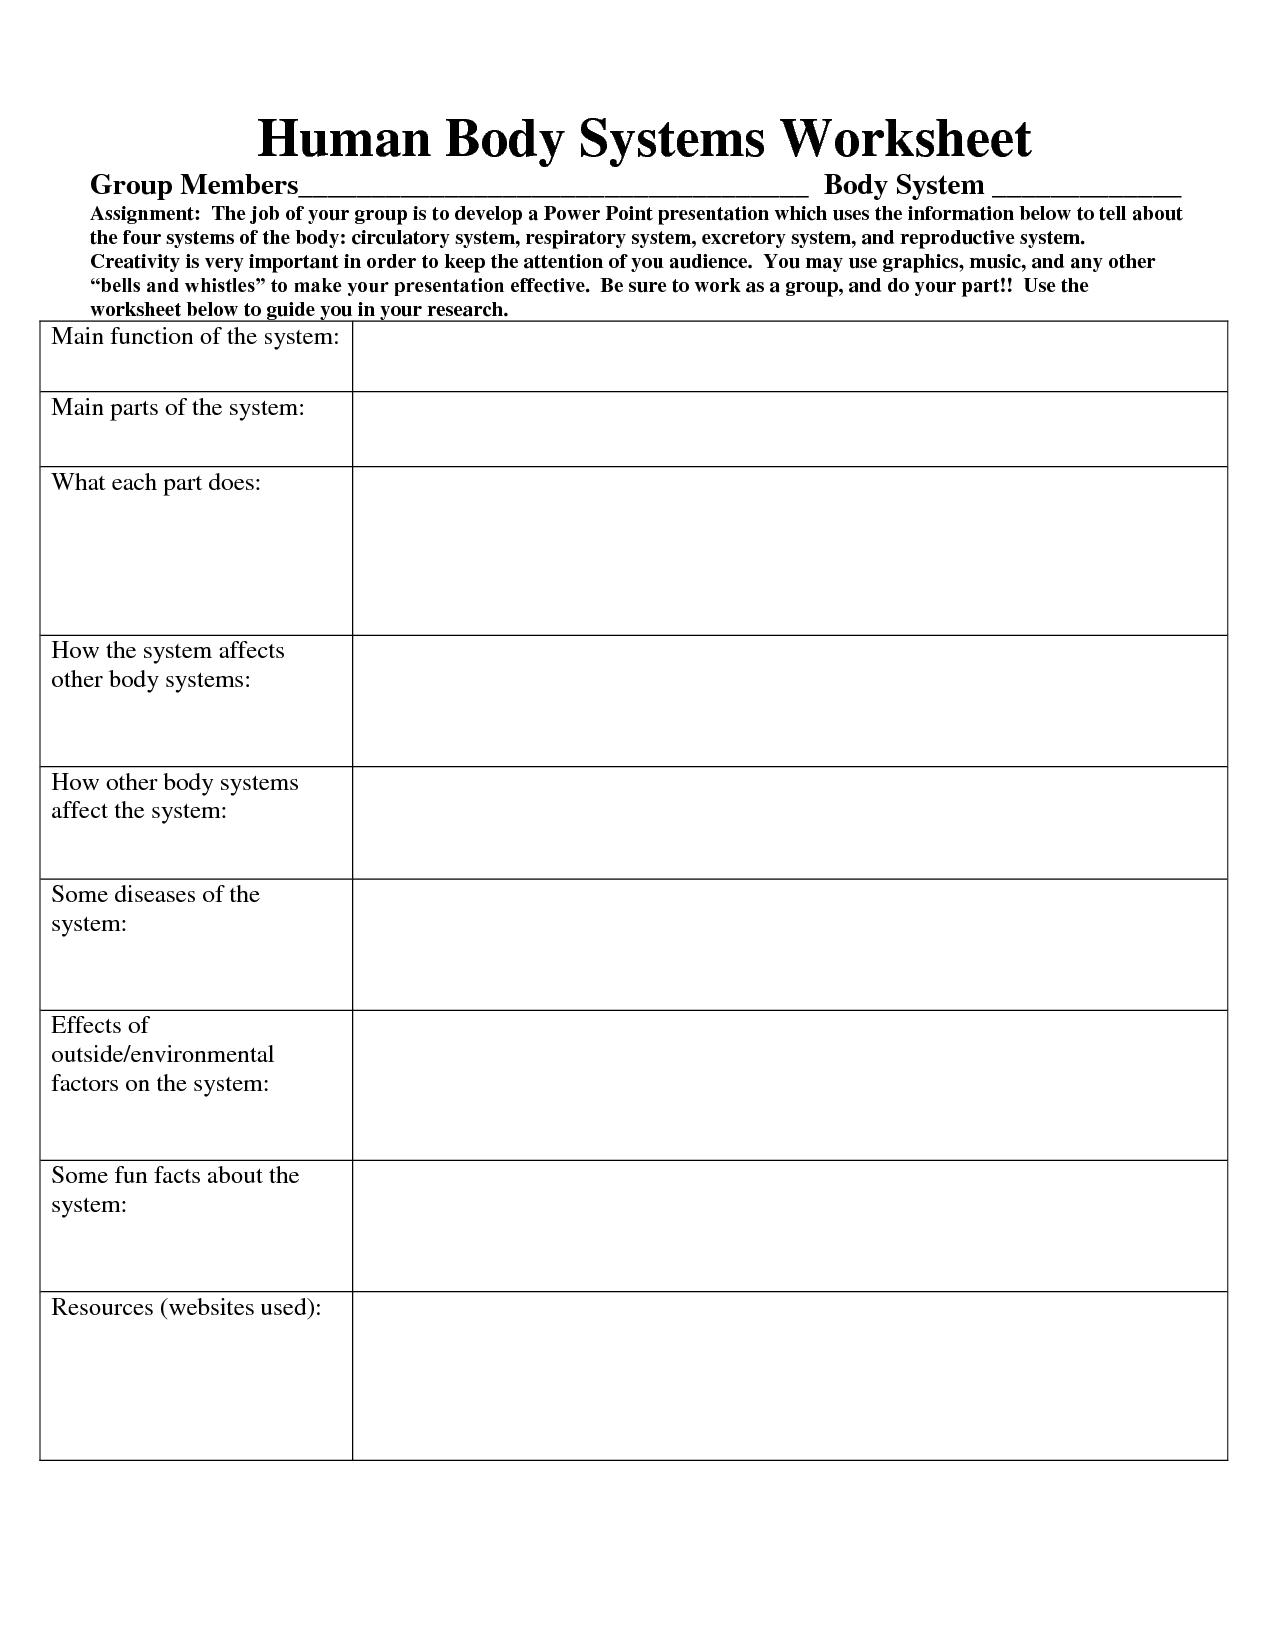 Tumor Measurement Worksheet